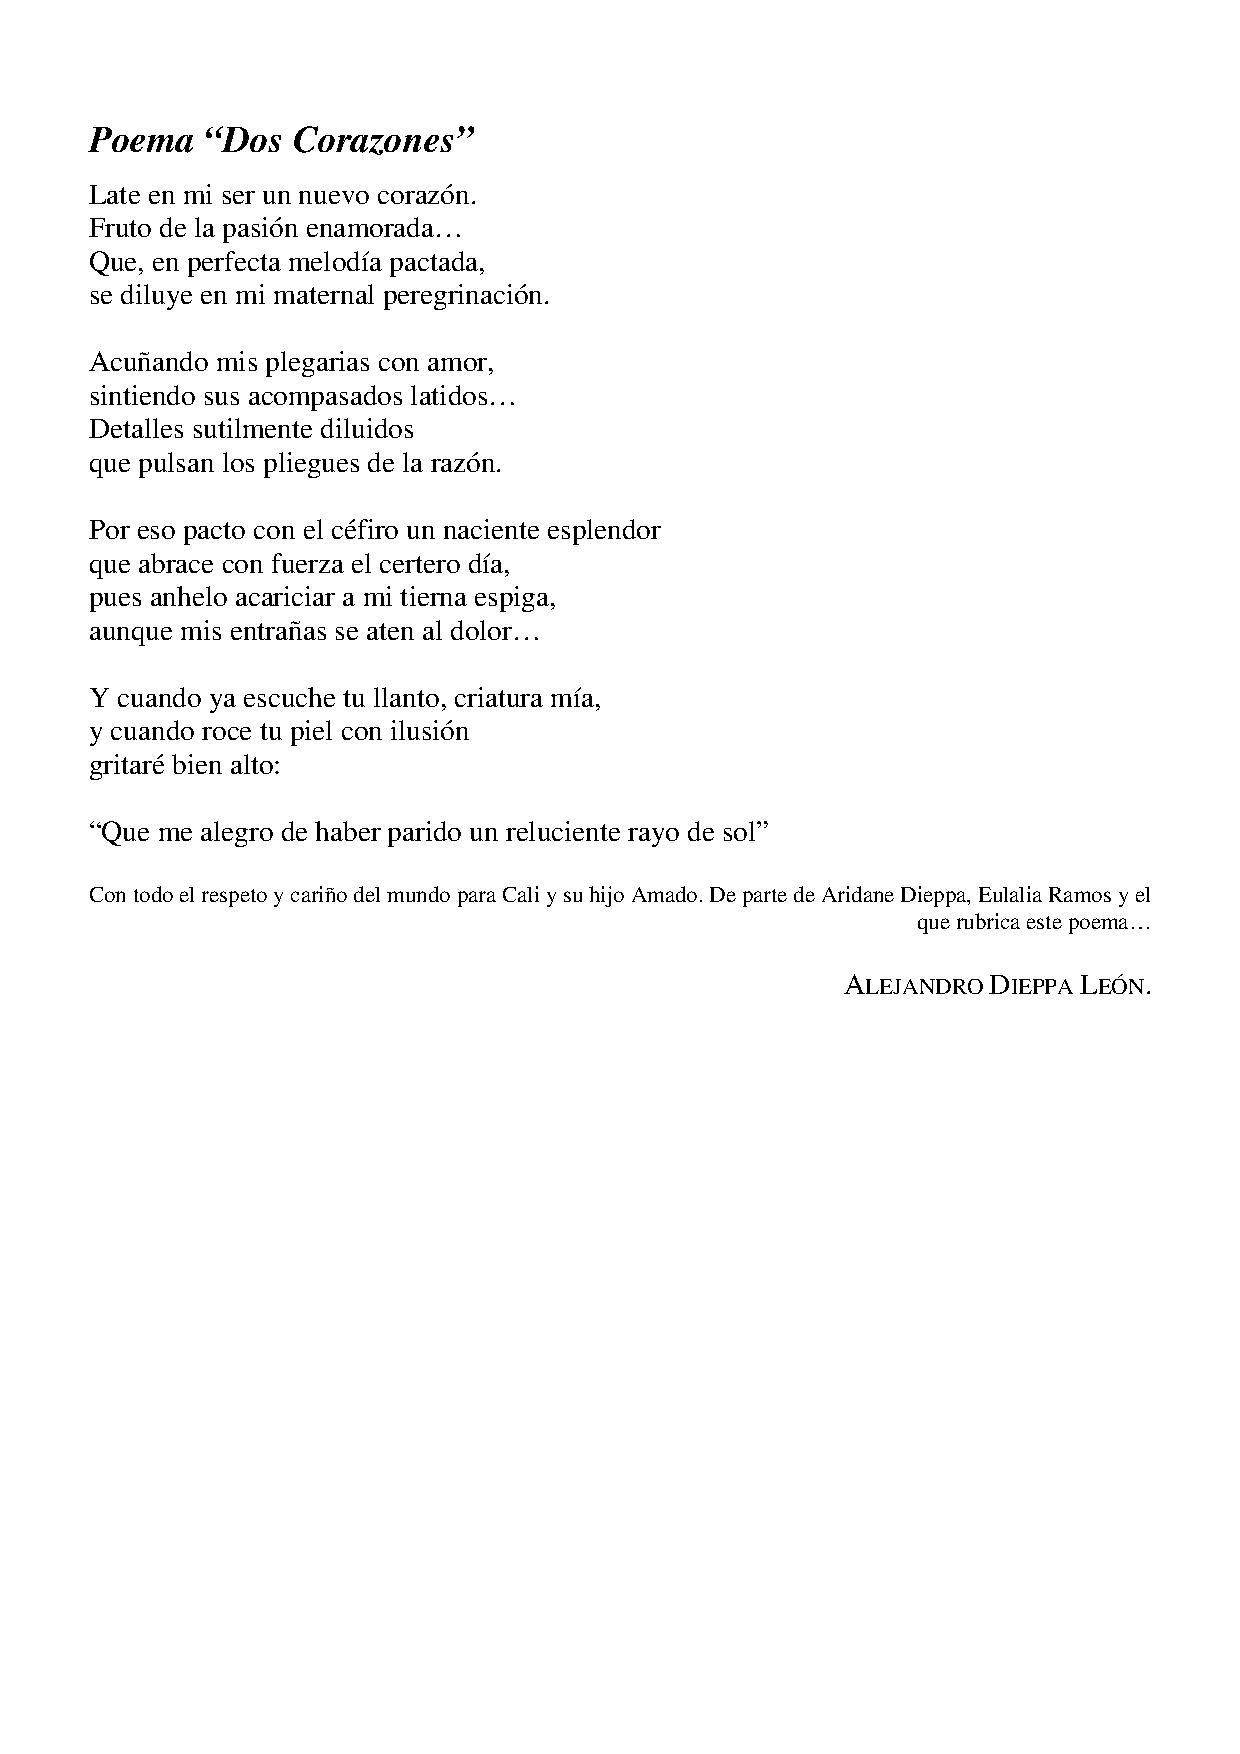 Textos_Poesias__selección_16.jpg